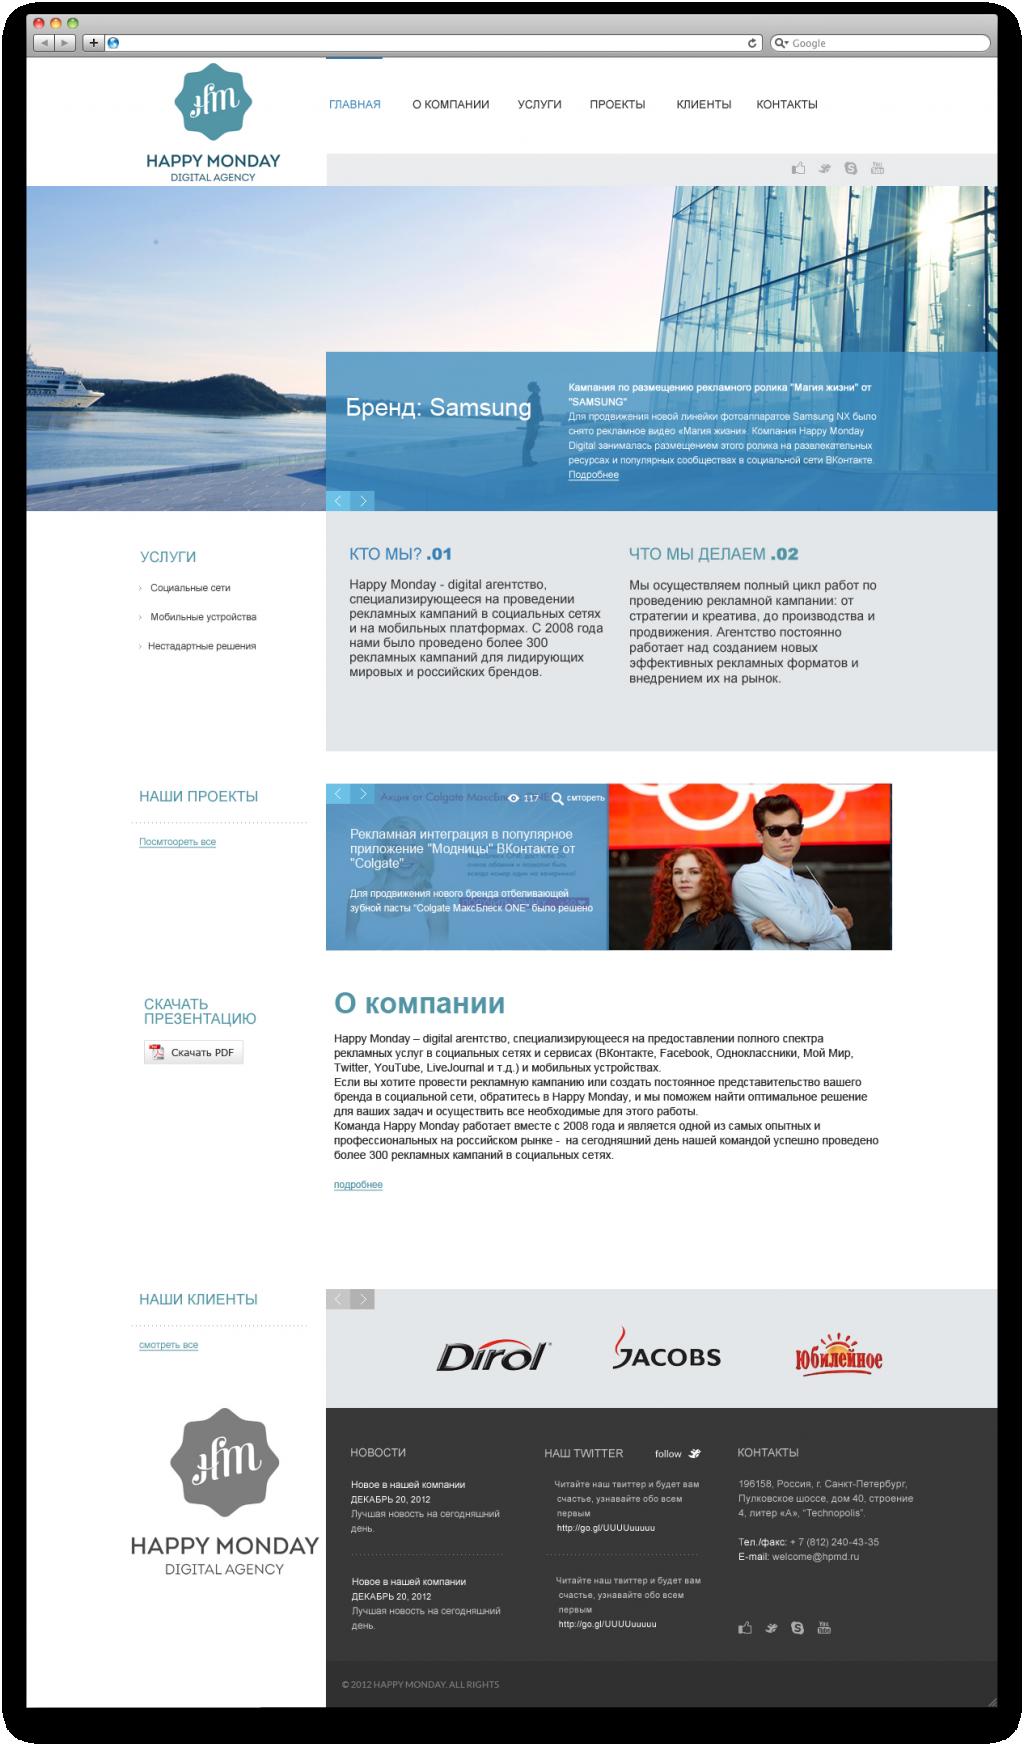 Дизайн сайта для Happy Monday Digital